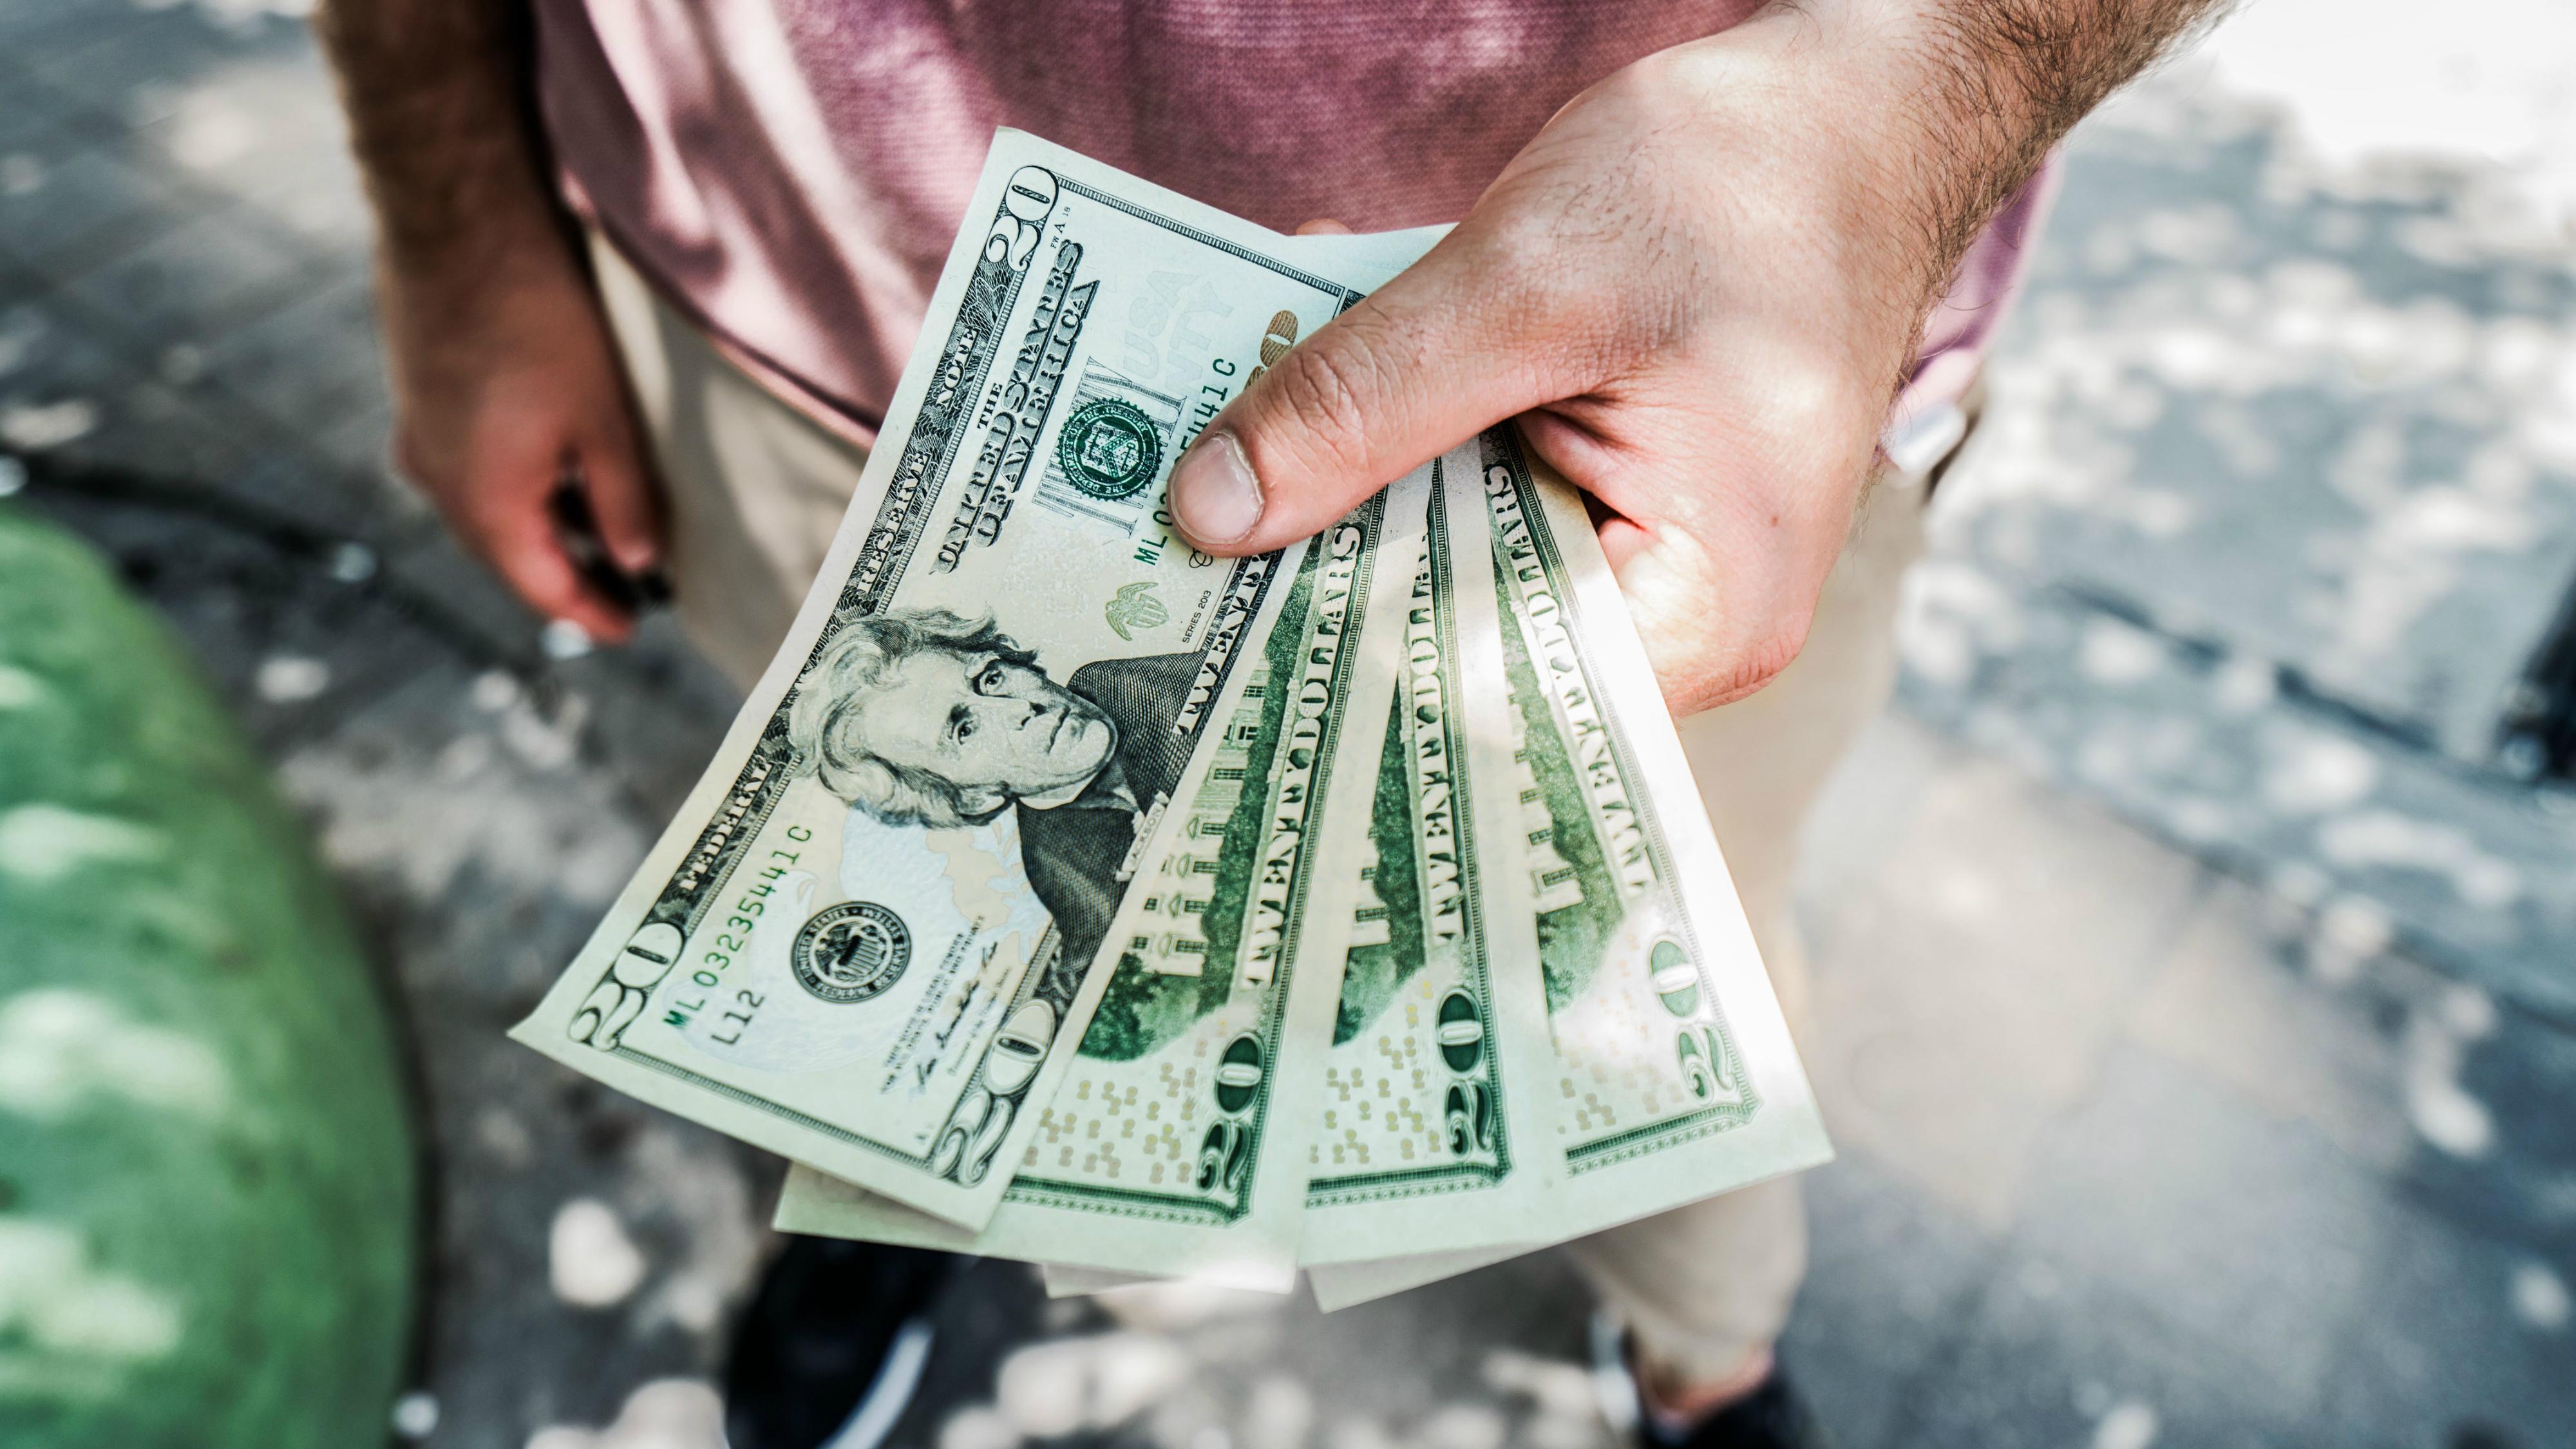 reāls veids, kā nopelnīt naudu